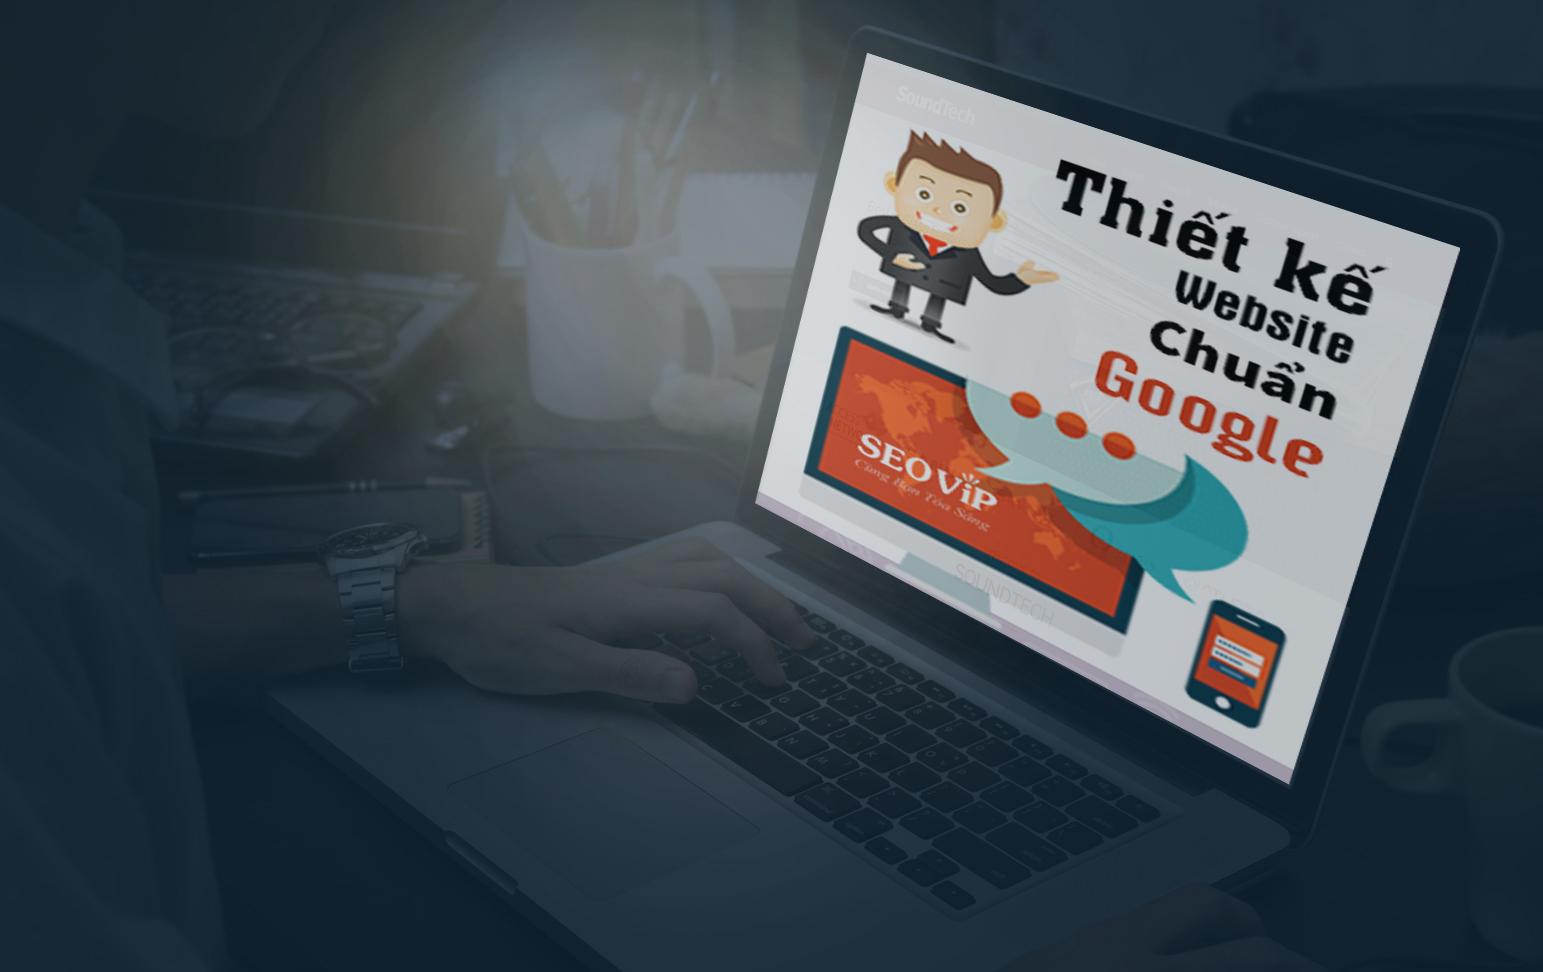 Thiết kế website chuẩn SEO ở Đà Nẵng